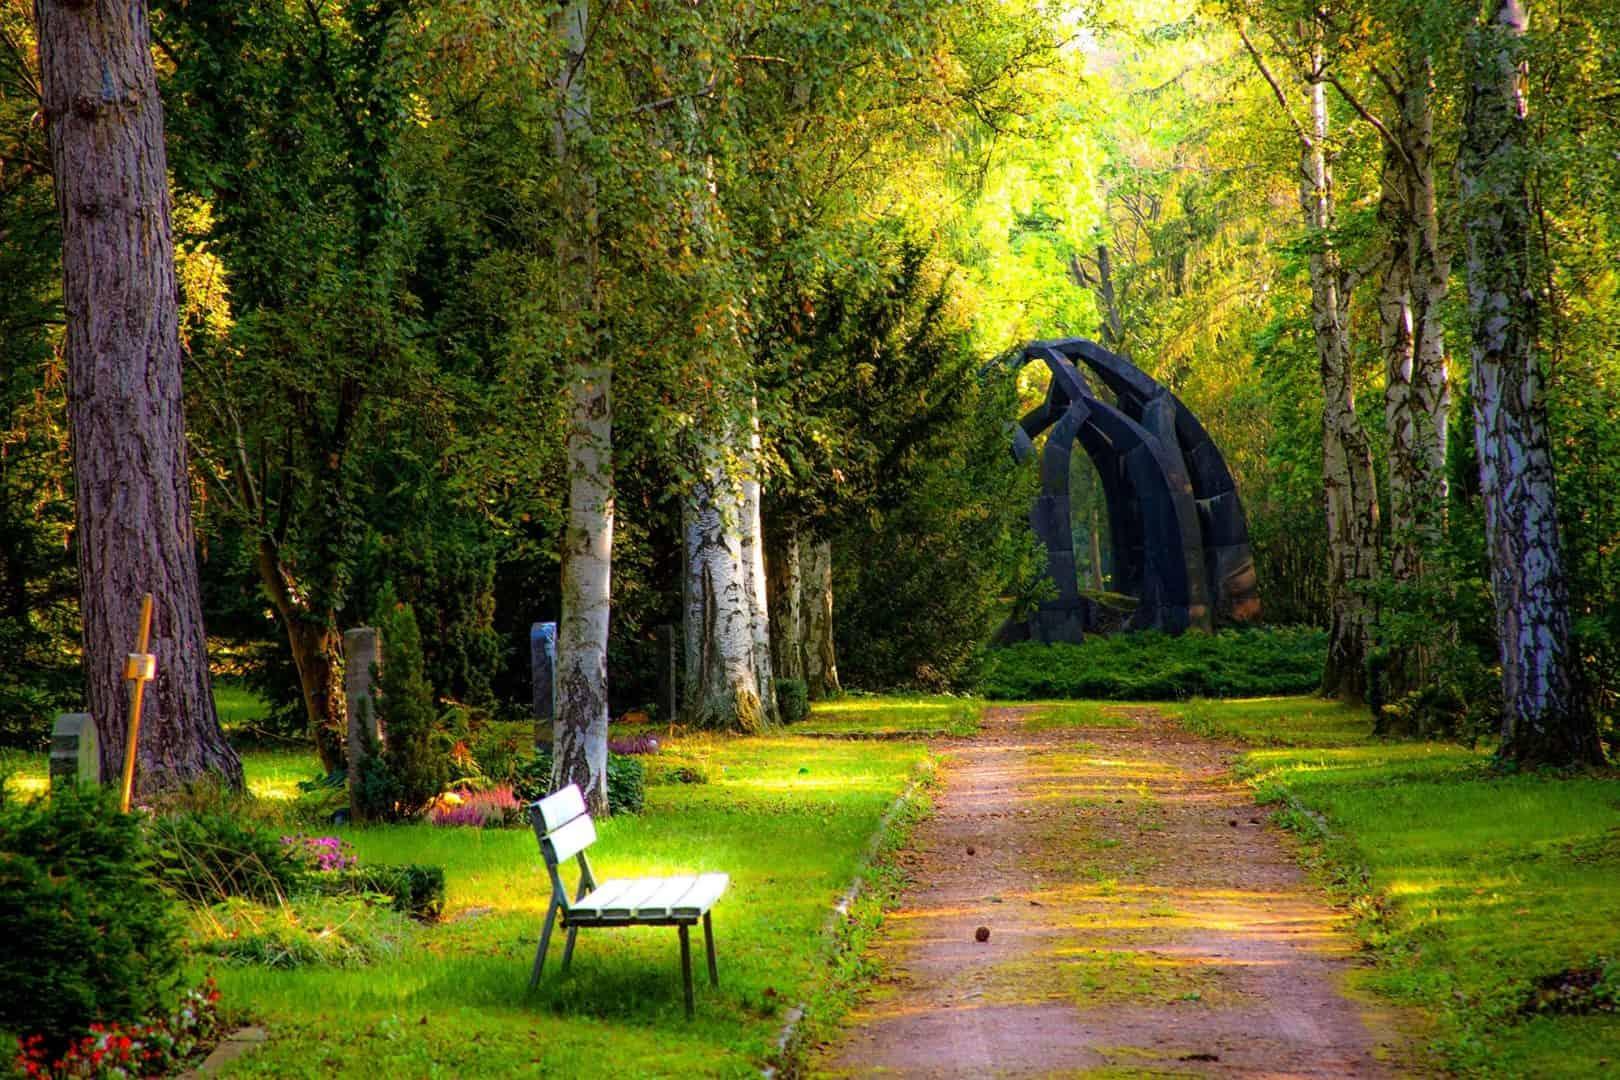 Urlaub in Seelisberg – Traumhafte Natur & wohlfühlen im Kurhuus Capella